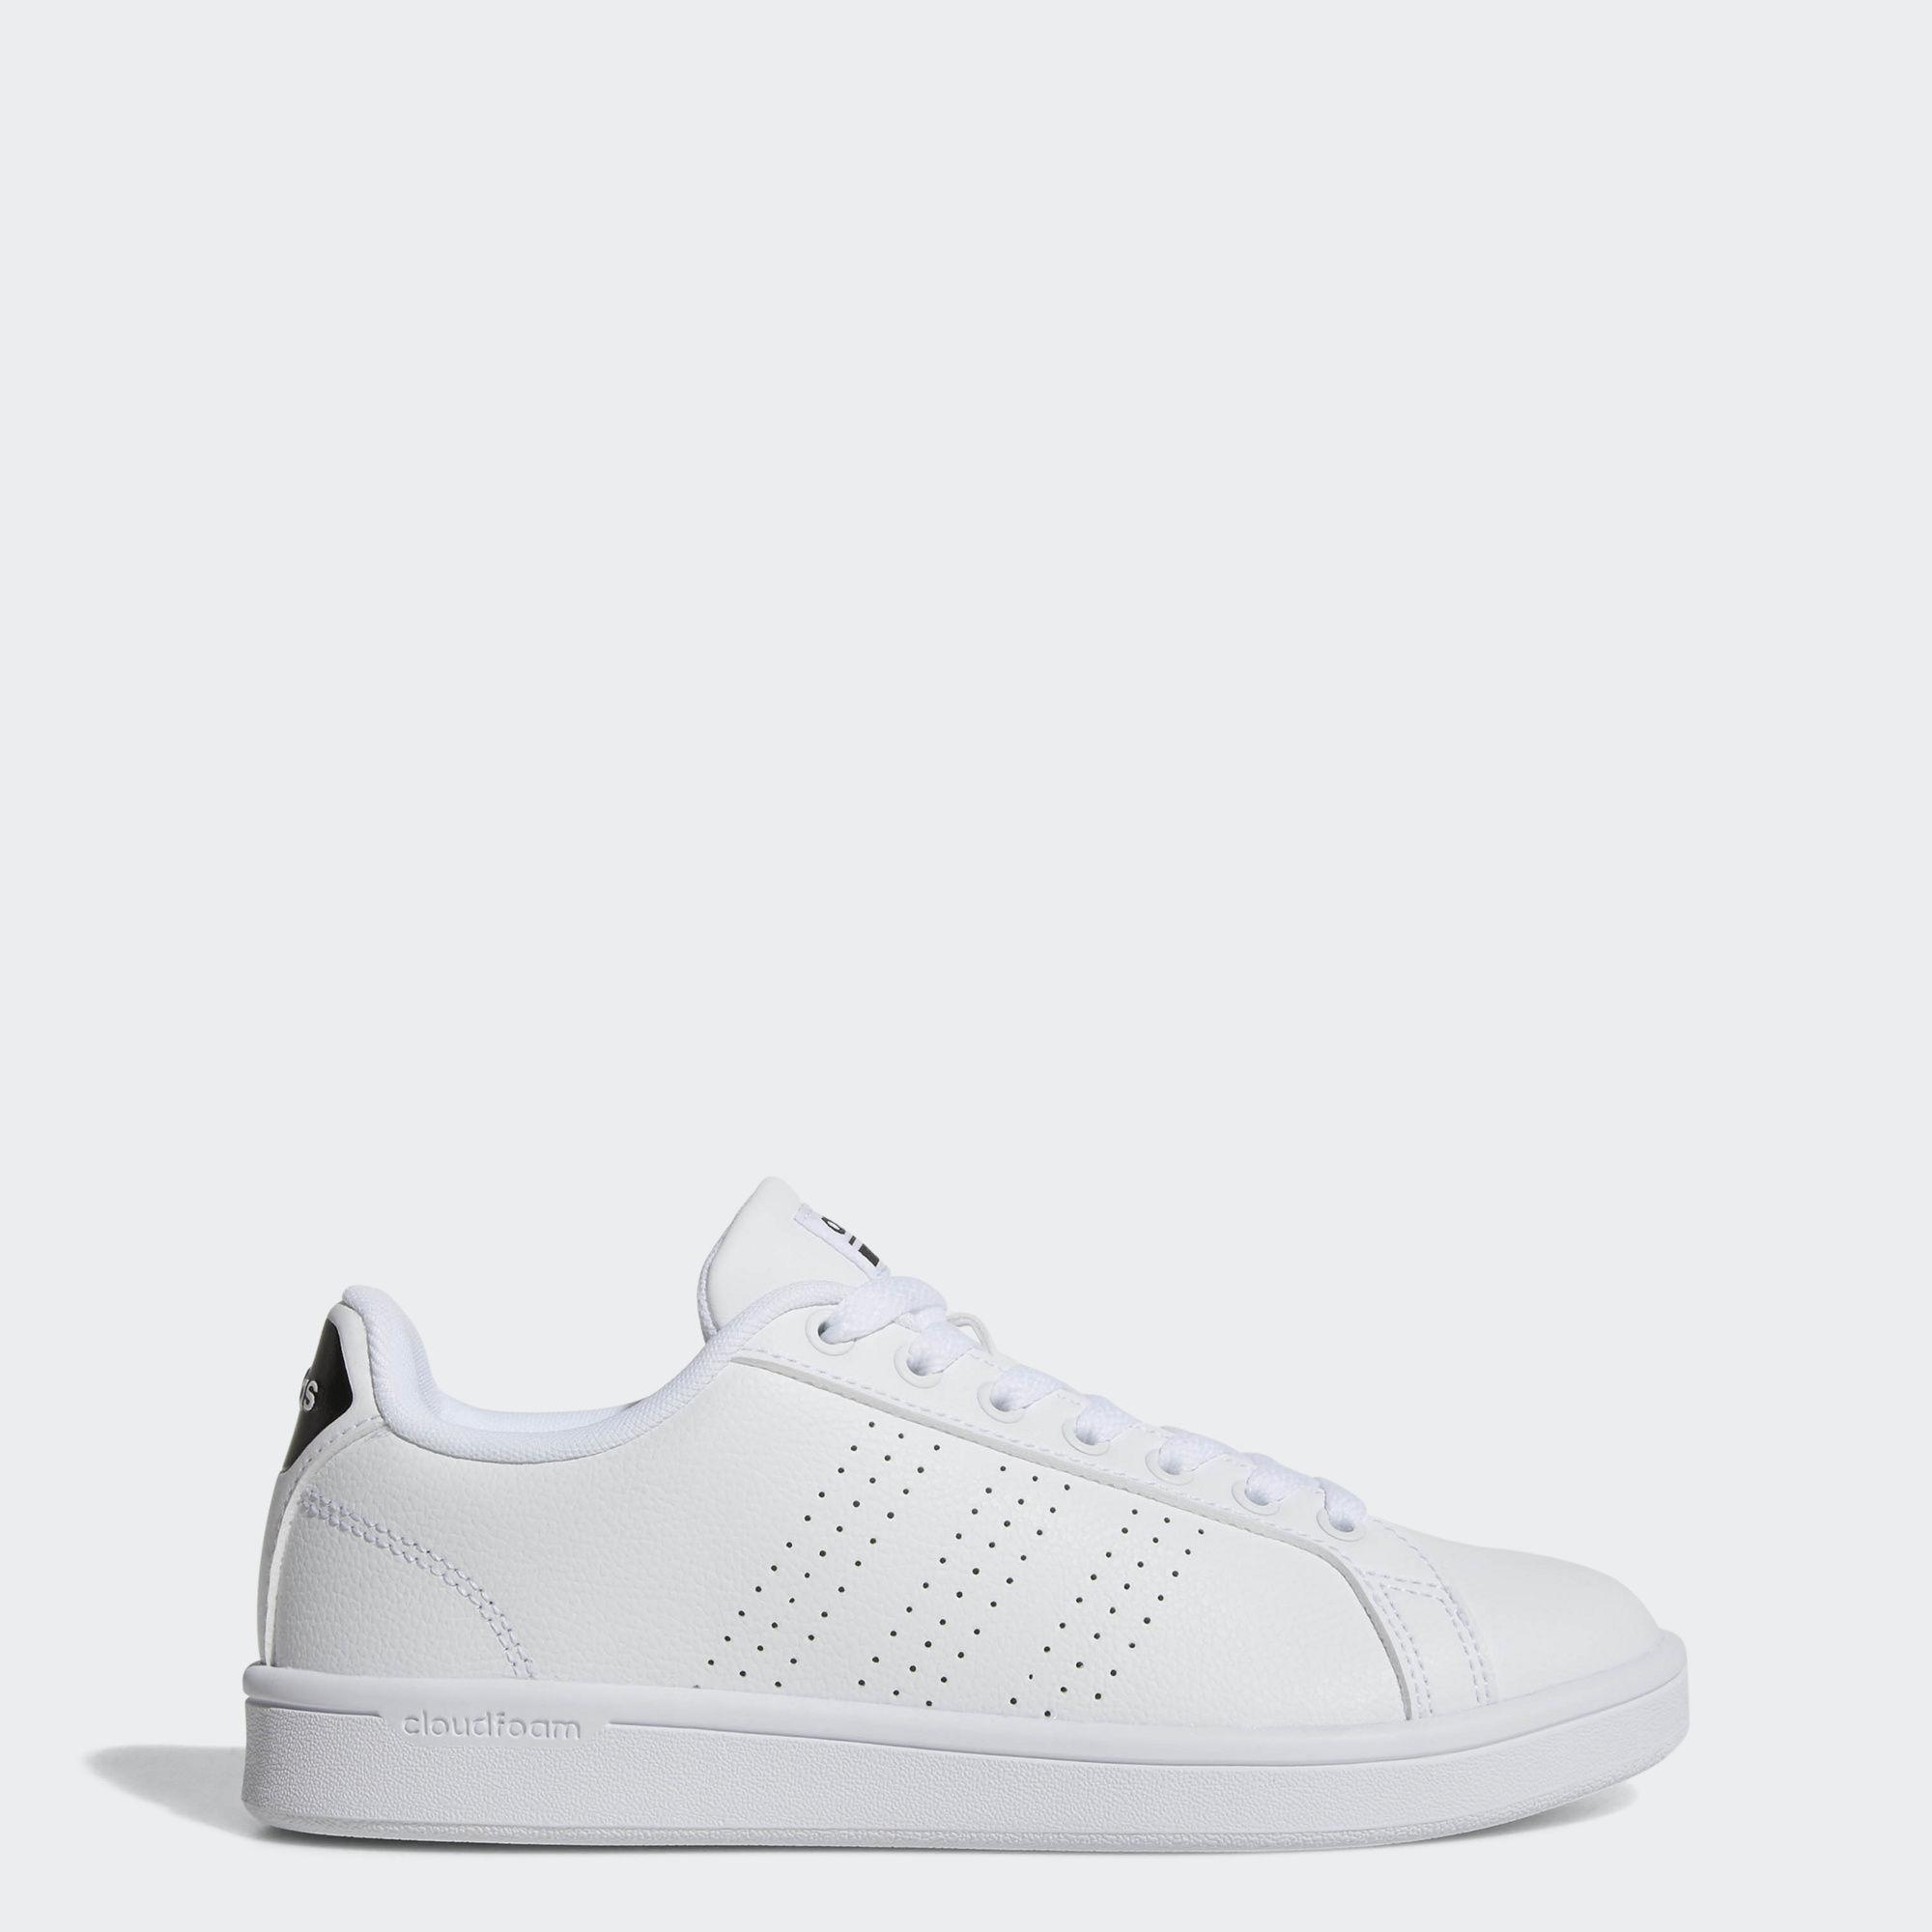 折合127.94元 Adidas阿迪达斯 Cloudfoam Advantage Clean女士经典小白鞋